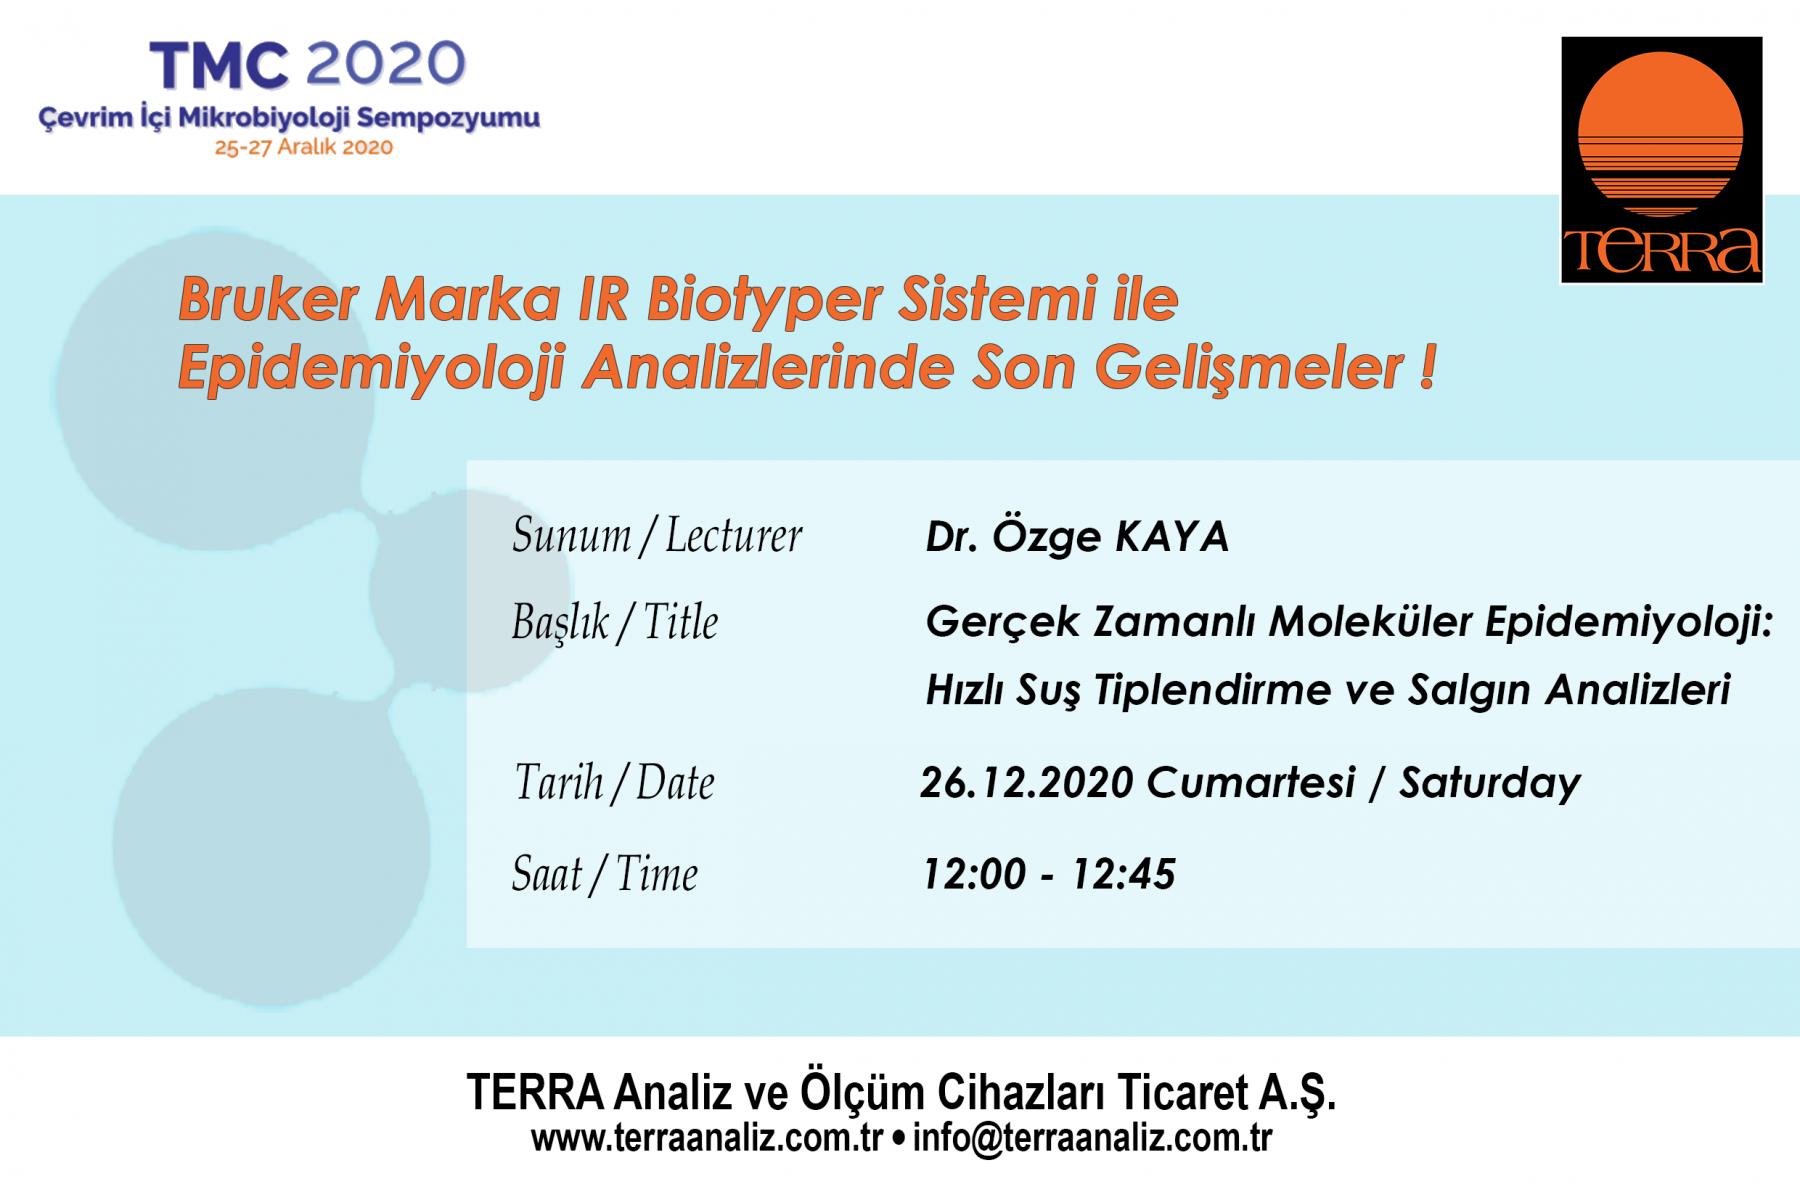 TMC 2020 ÇEVRİM İÇİ MİKROBİYOLOİ SEMPOZYUMU